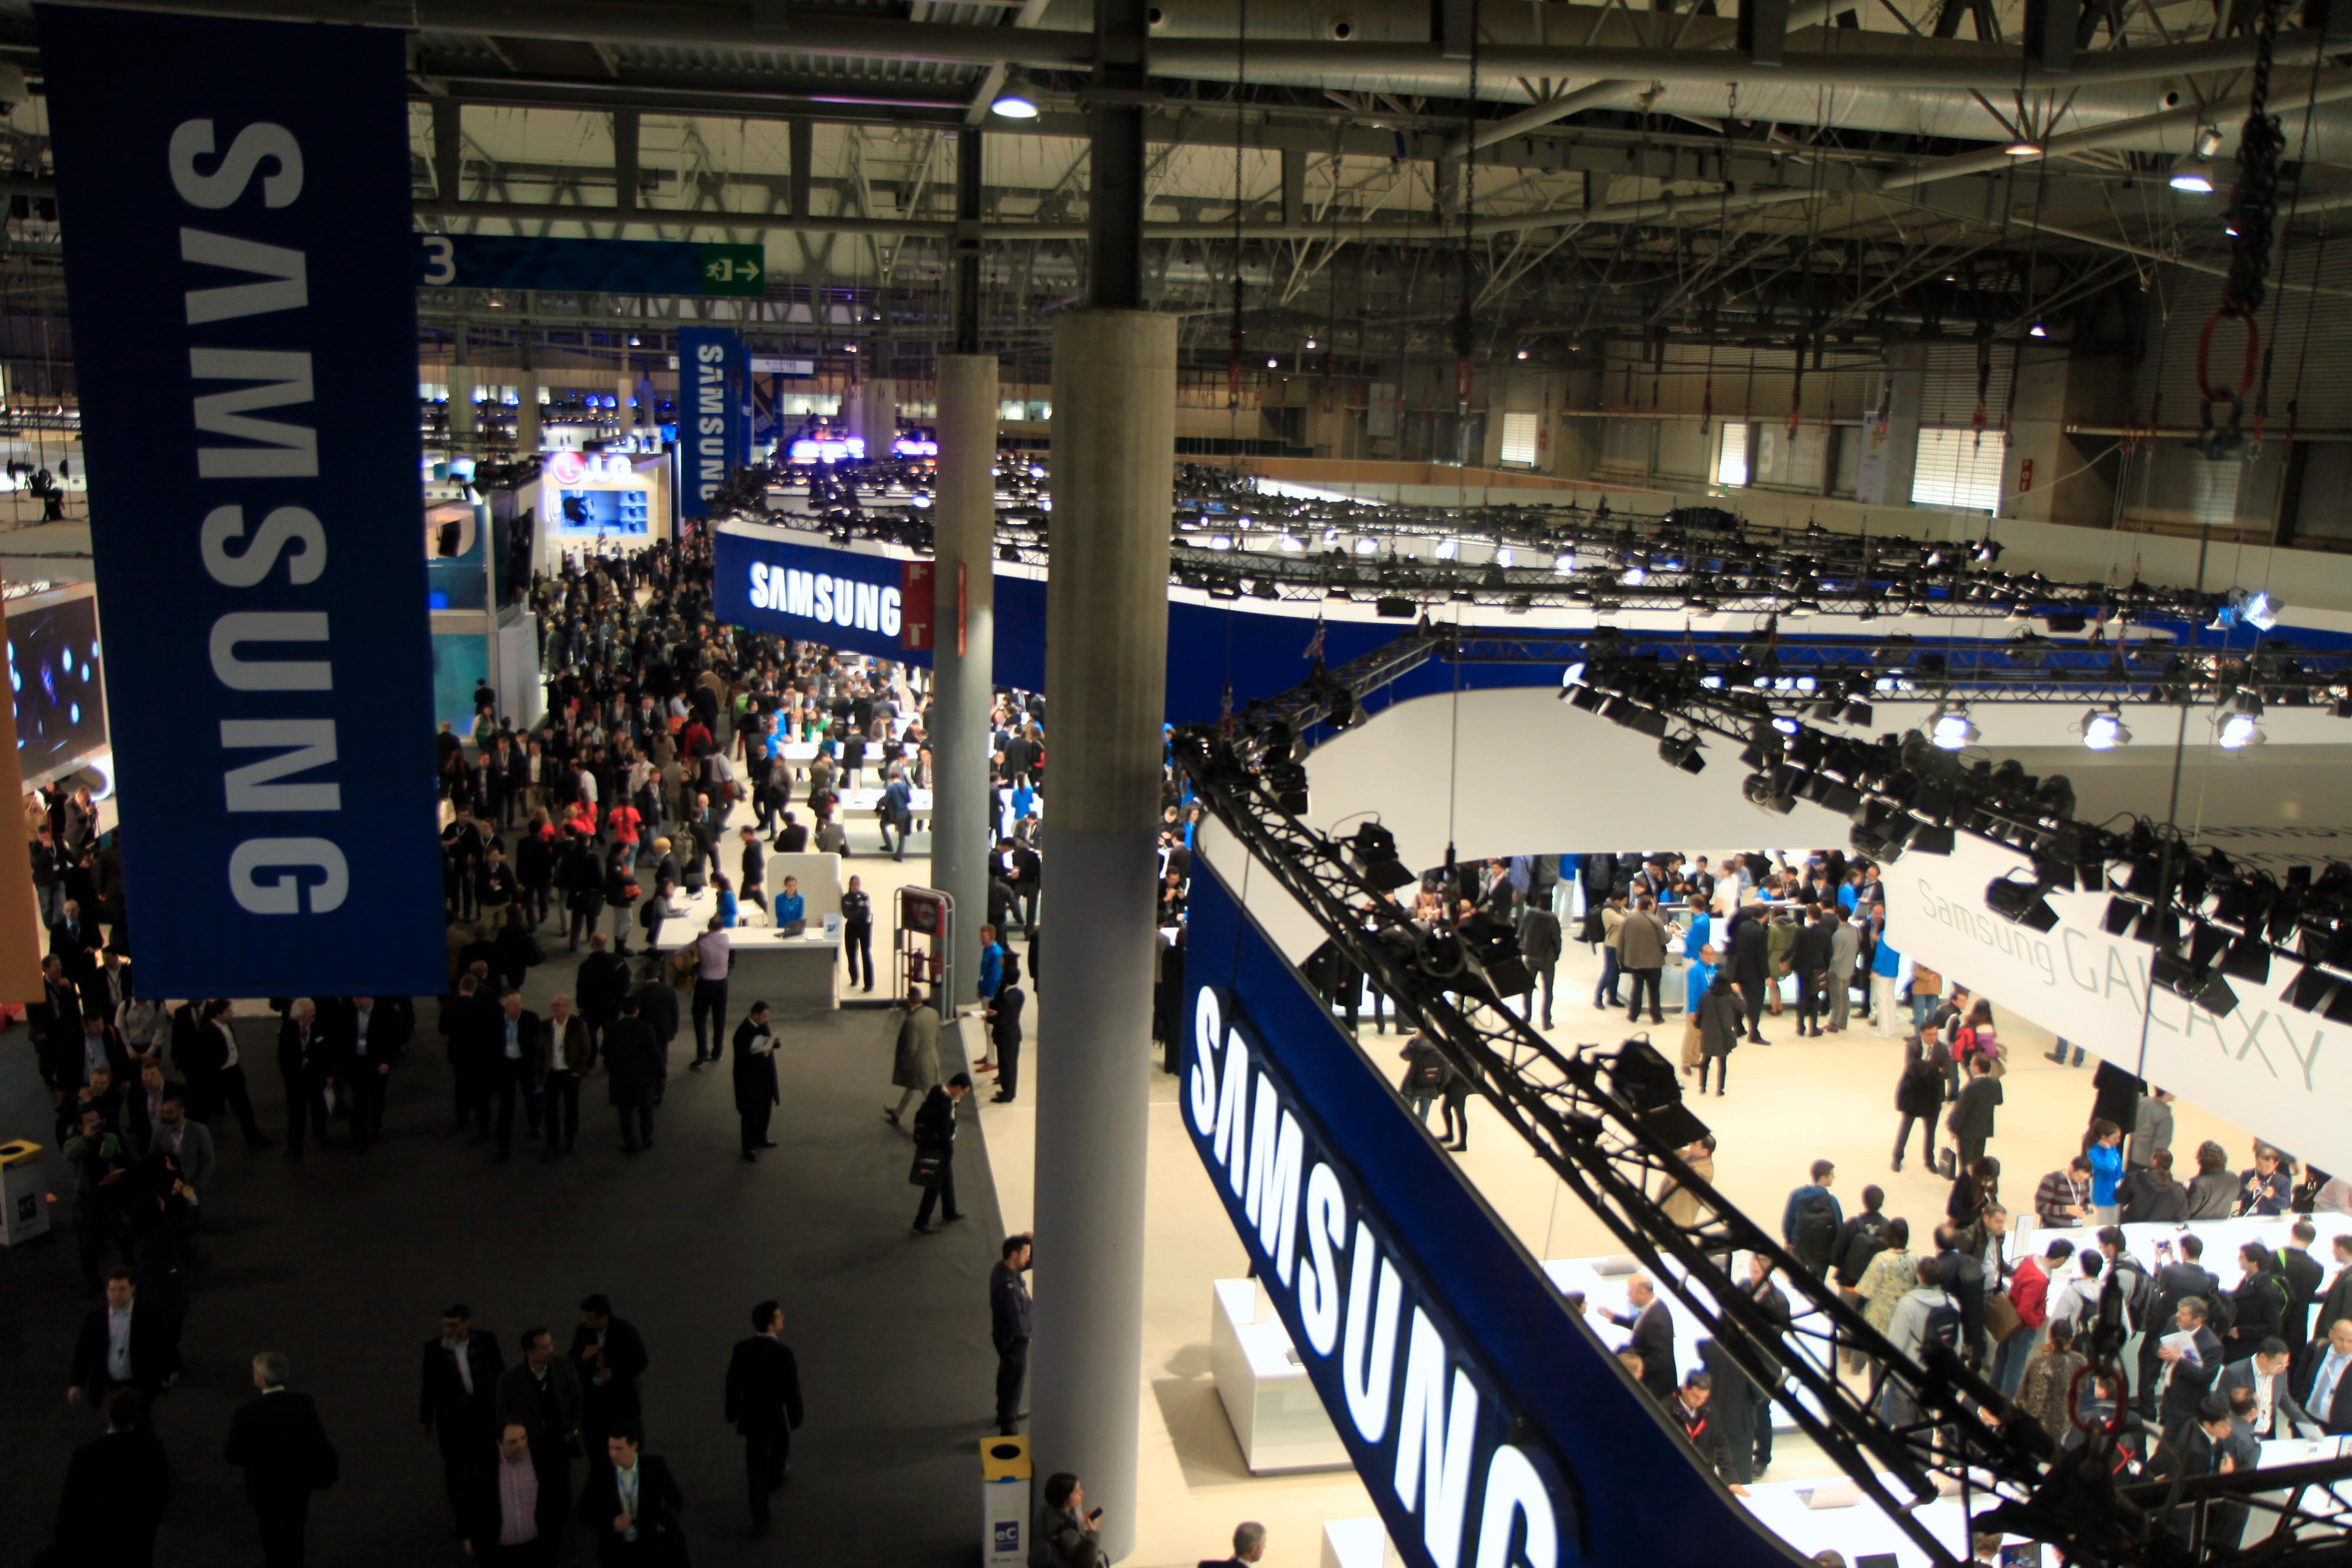 Fra en av de mange utstillingshallene på Mobile World Congress.Foto: Kurt Lekanger, Mobilen.no